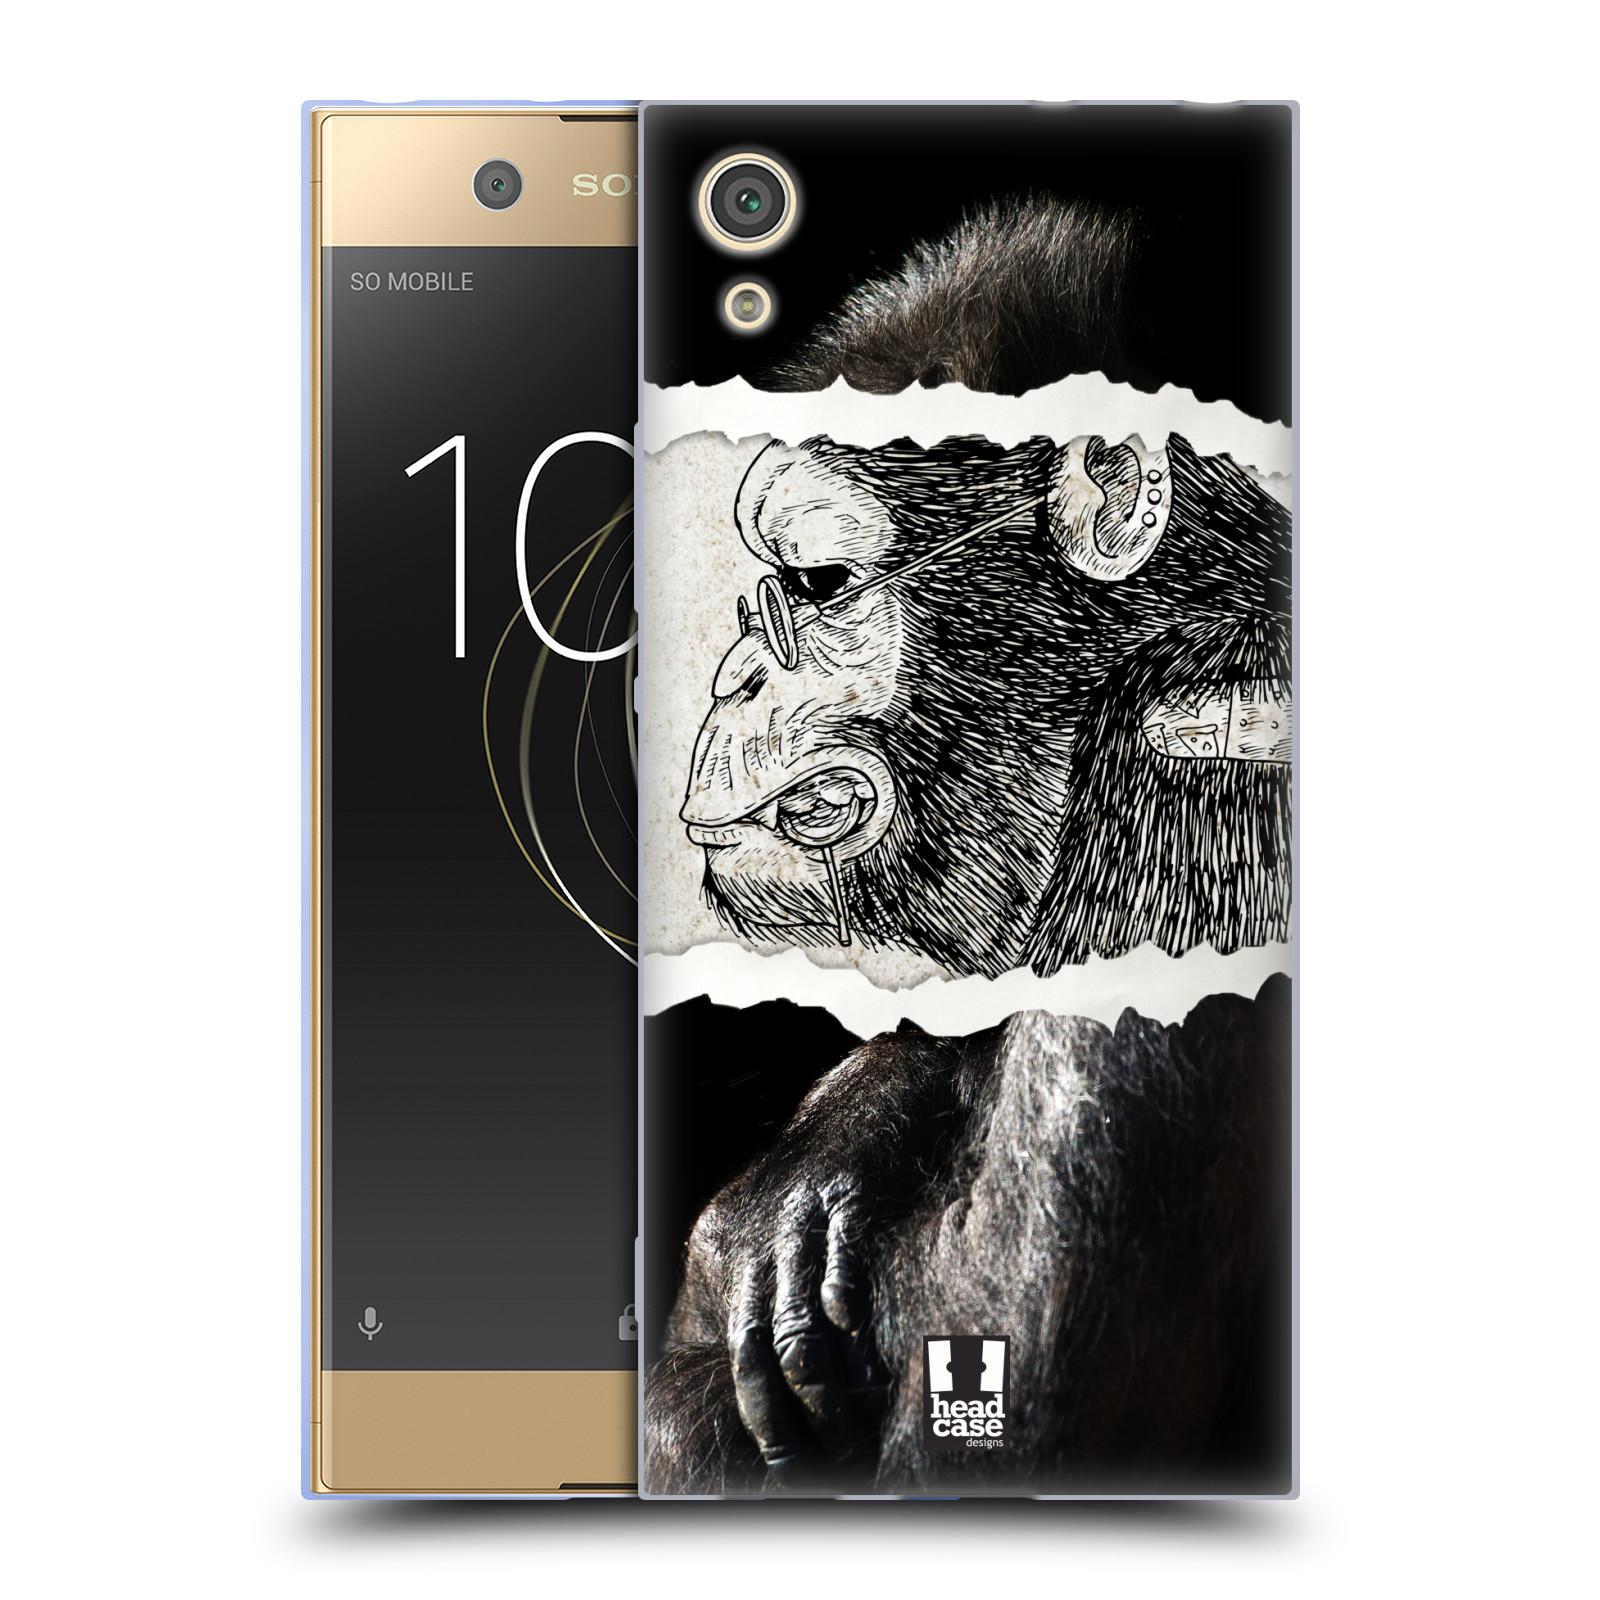 HEAD CASE silikonový obal na mobil Sony Xperia XA1 / XA1 DUAL SIM vzor zvířata koláž opice